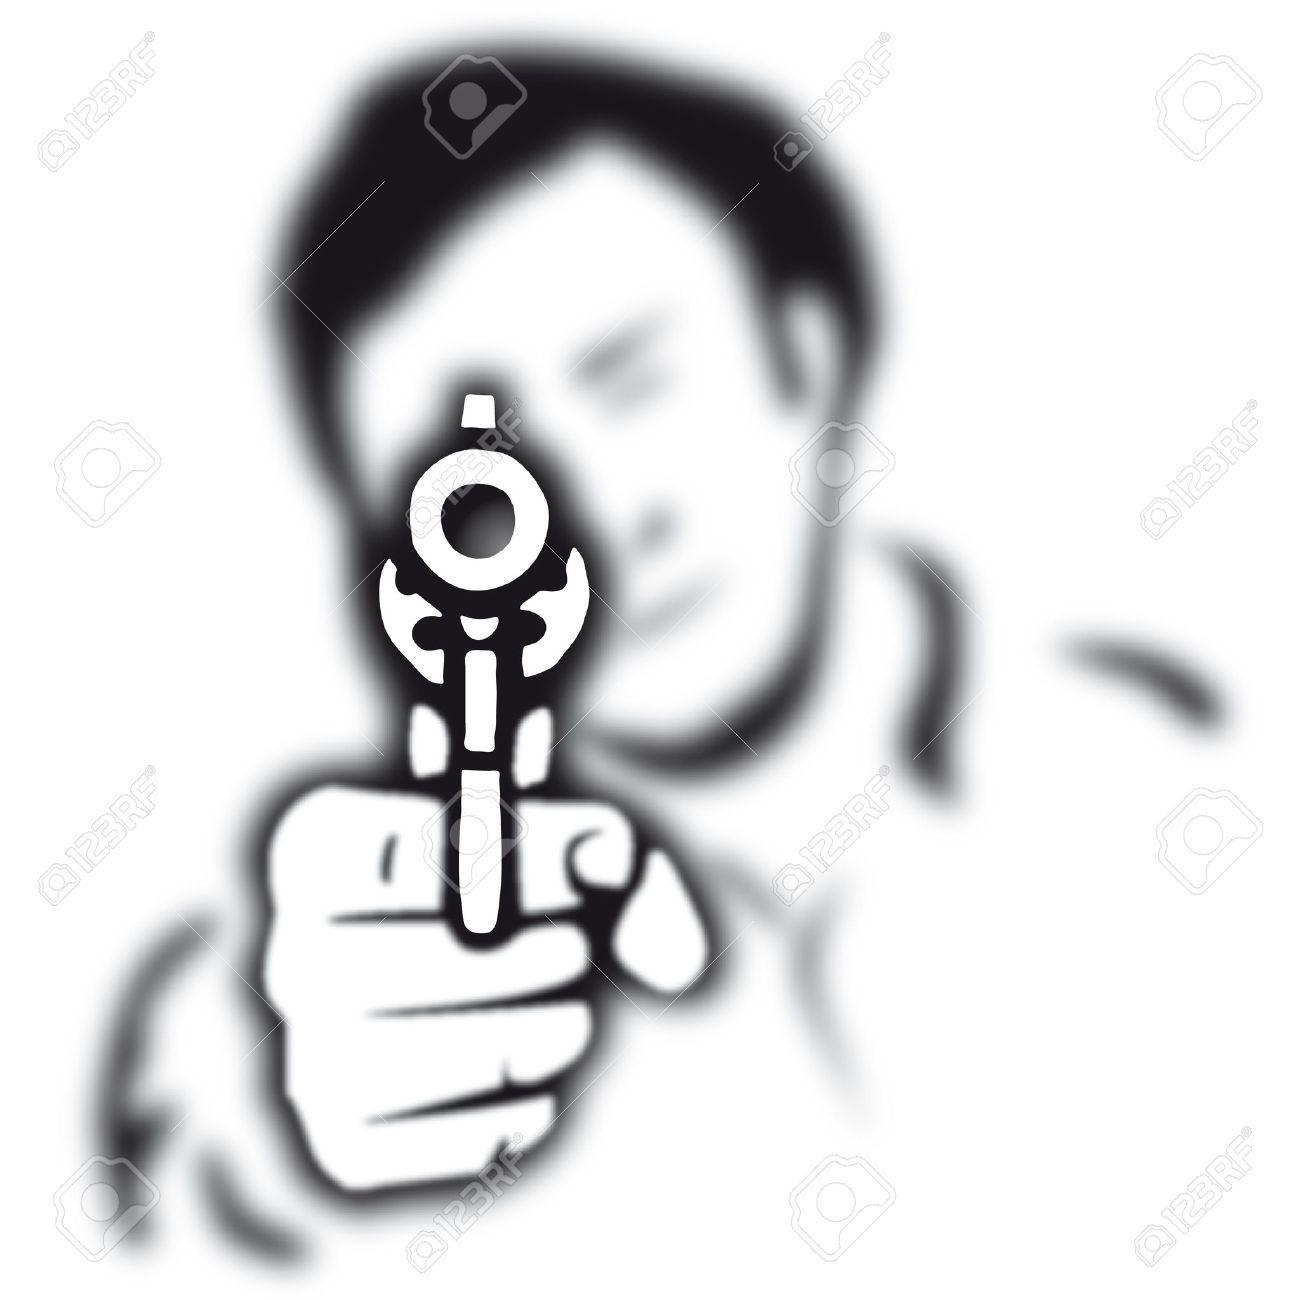 images for gun murder clipart [ 1300 x 1300 Pixel ]